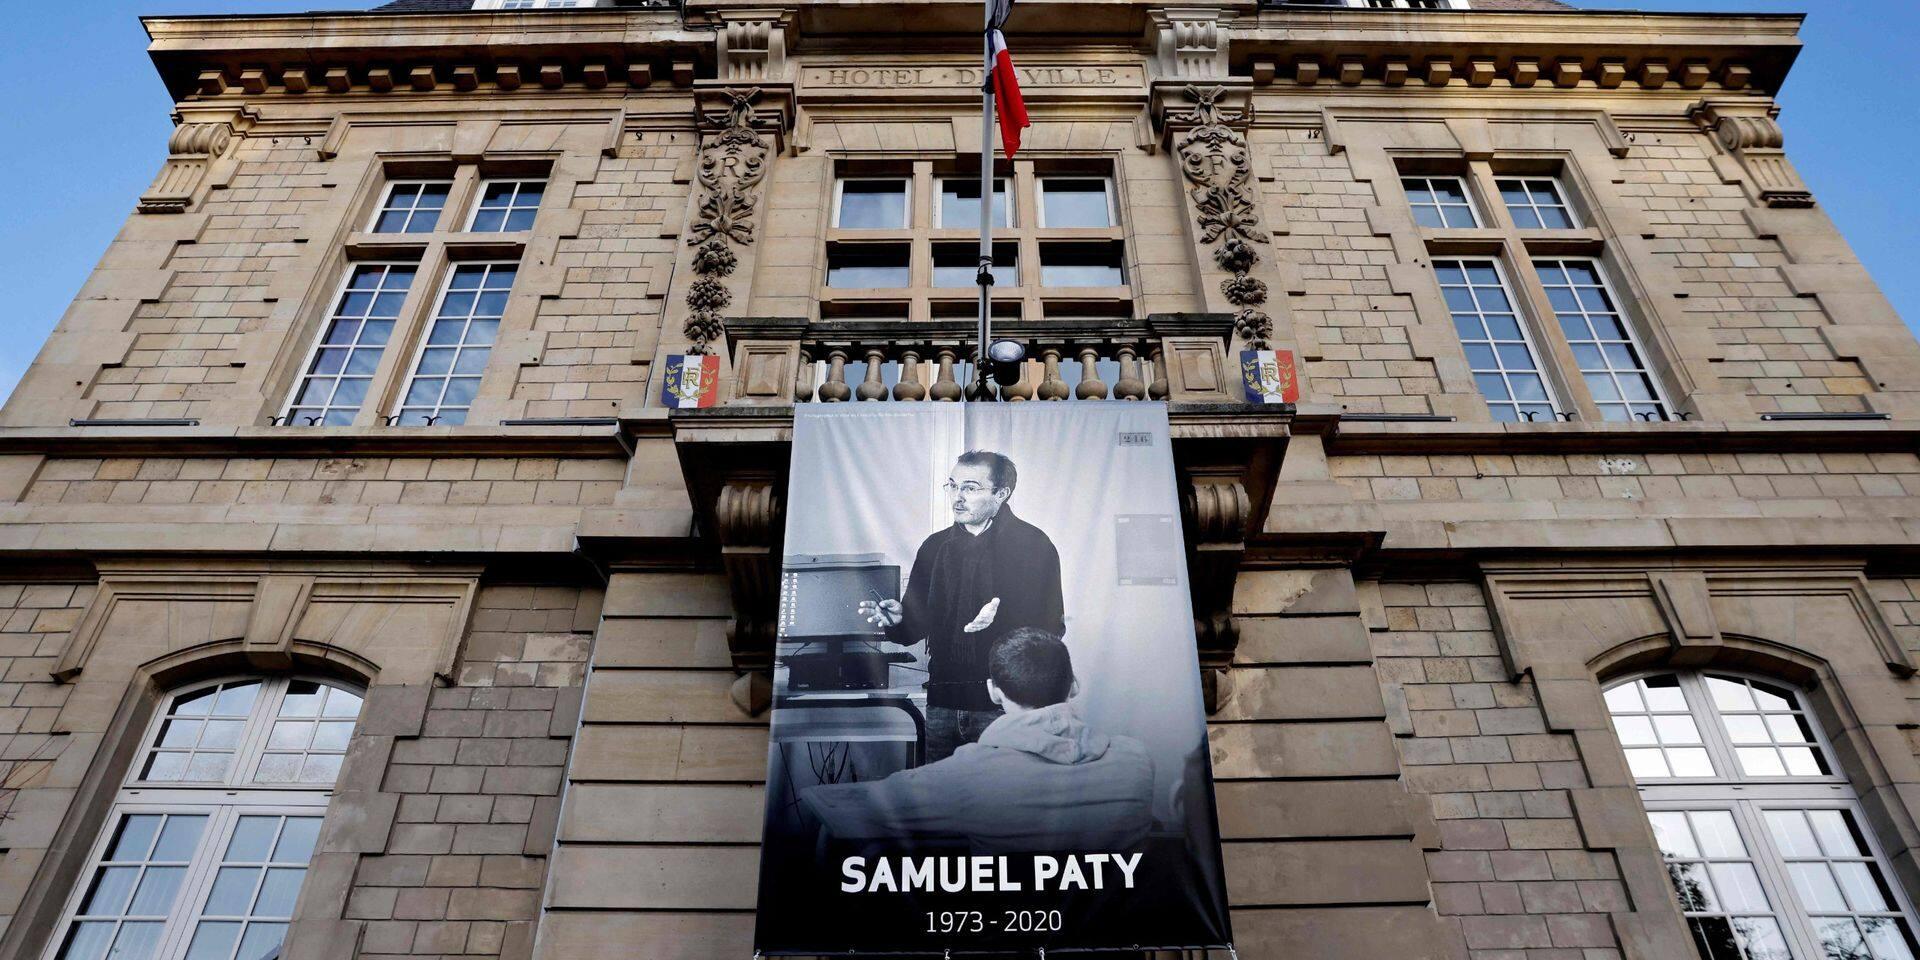 """Un an après l'assassinat du professeur Samuel Paty, la tension reste vive en France: """"Sa mort nous hante"""""""